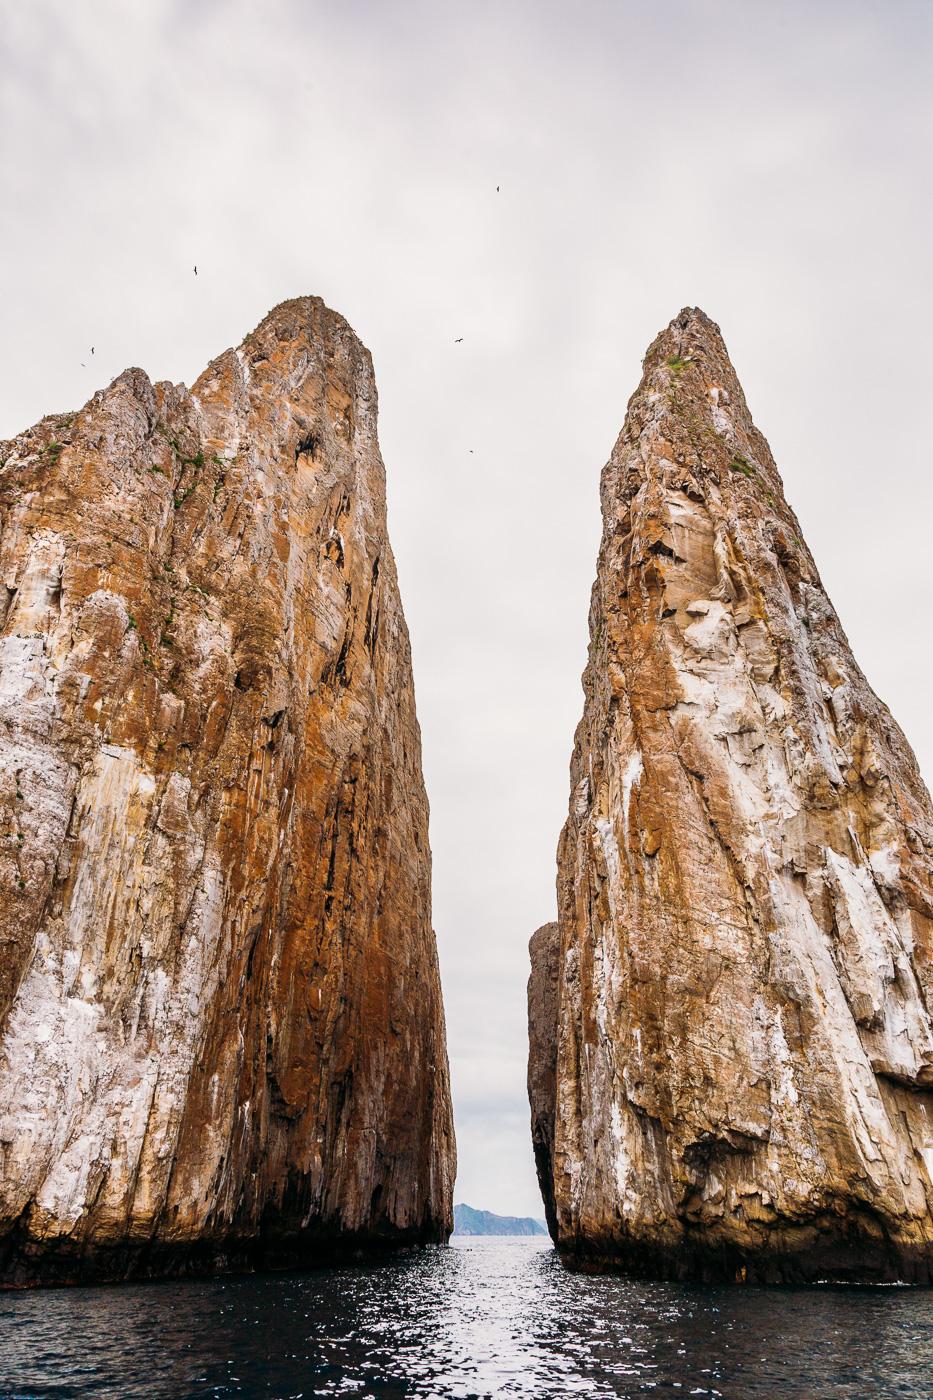 Galapagos - Leon Dormino (Kicker Rock) (41 of 61) June 15